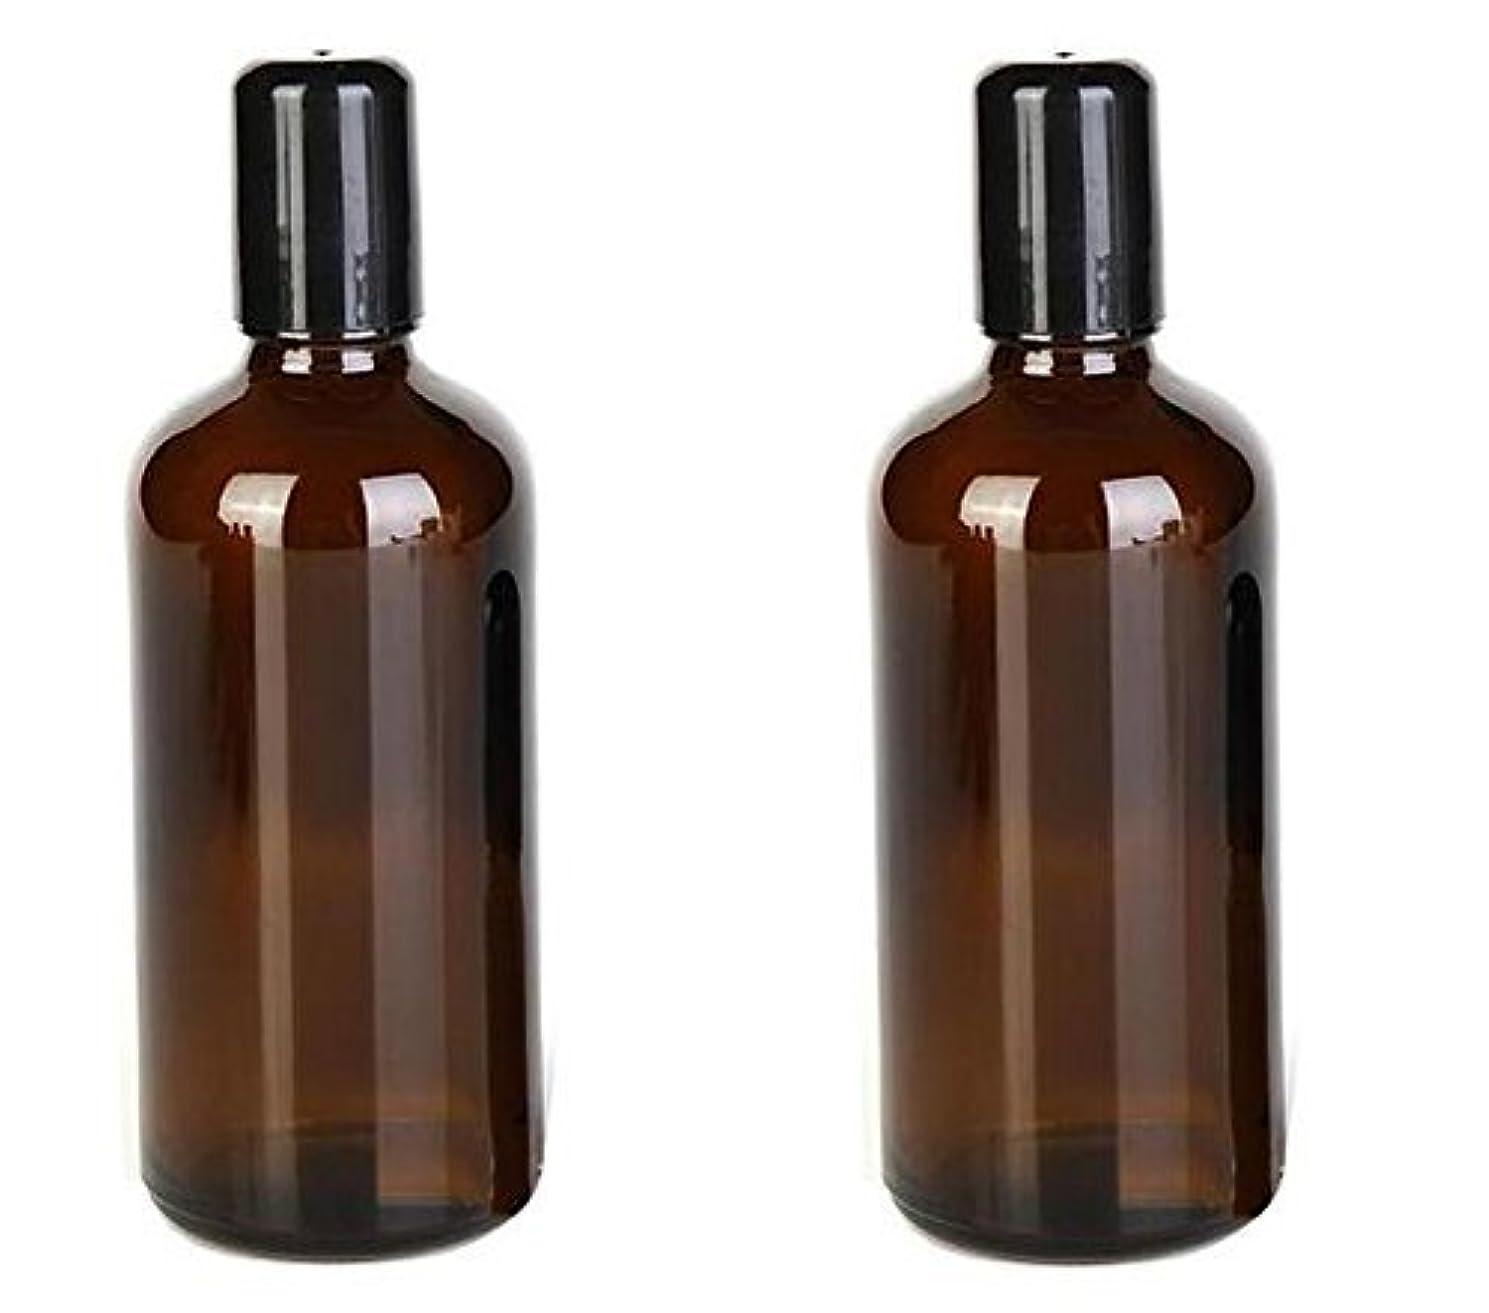 暴力的な手術甘やかす2PCS 100ML /3.4oz Amber Glass Empty Refillable Roll On Bottles With Metal Roller Balls Roll-On Container For Essential...